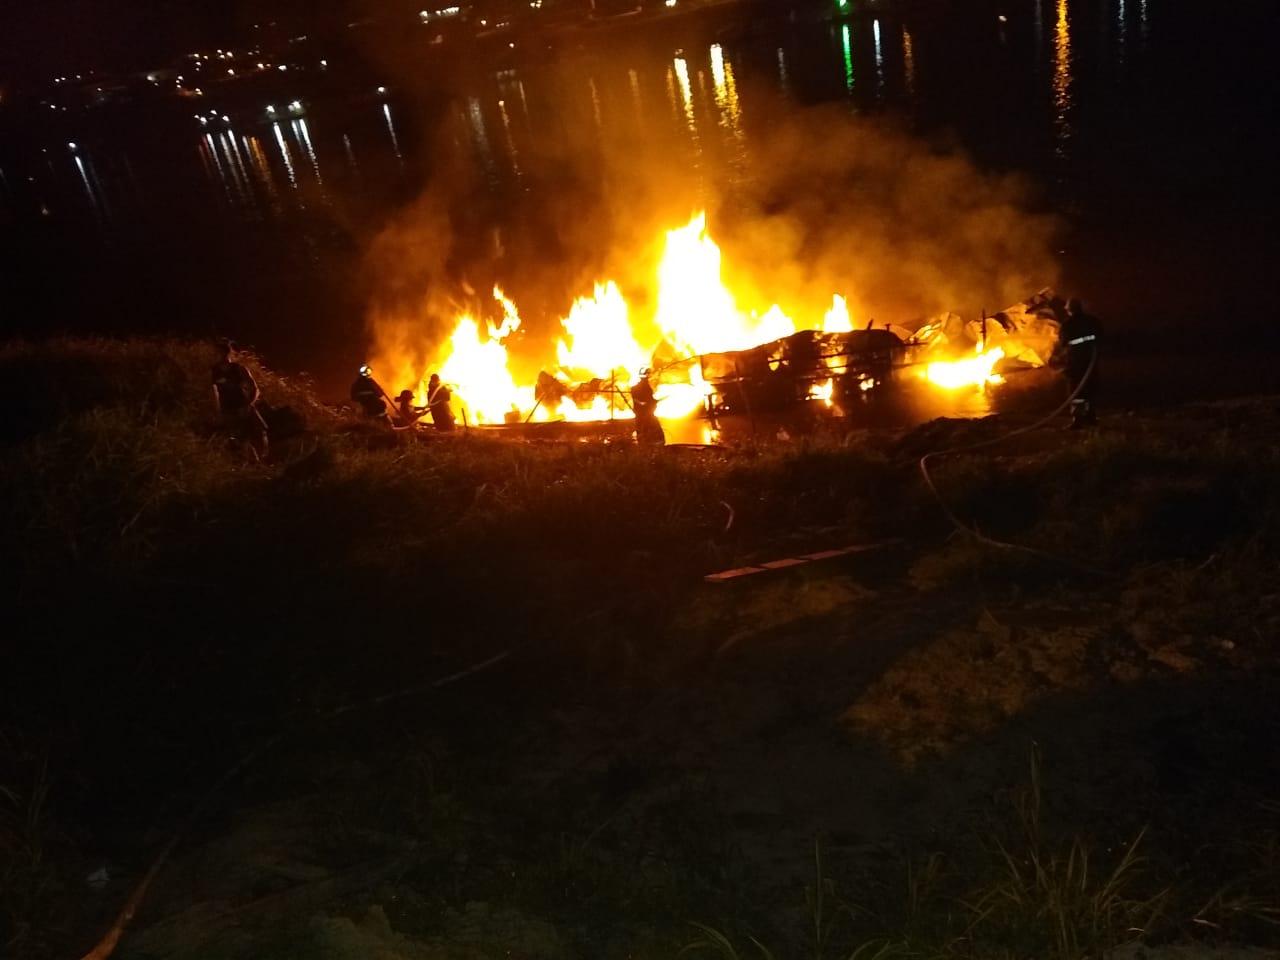 Bombeiros atuam no combate a incêndio de barco em Cruzeiro o Sul